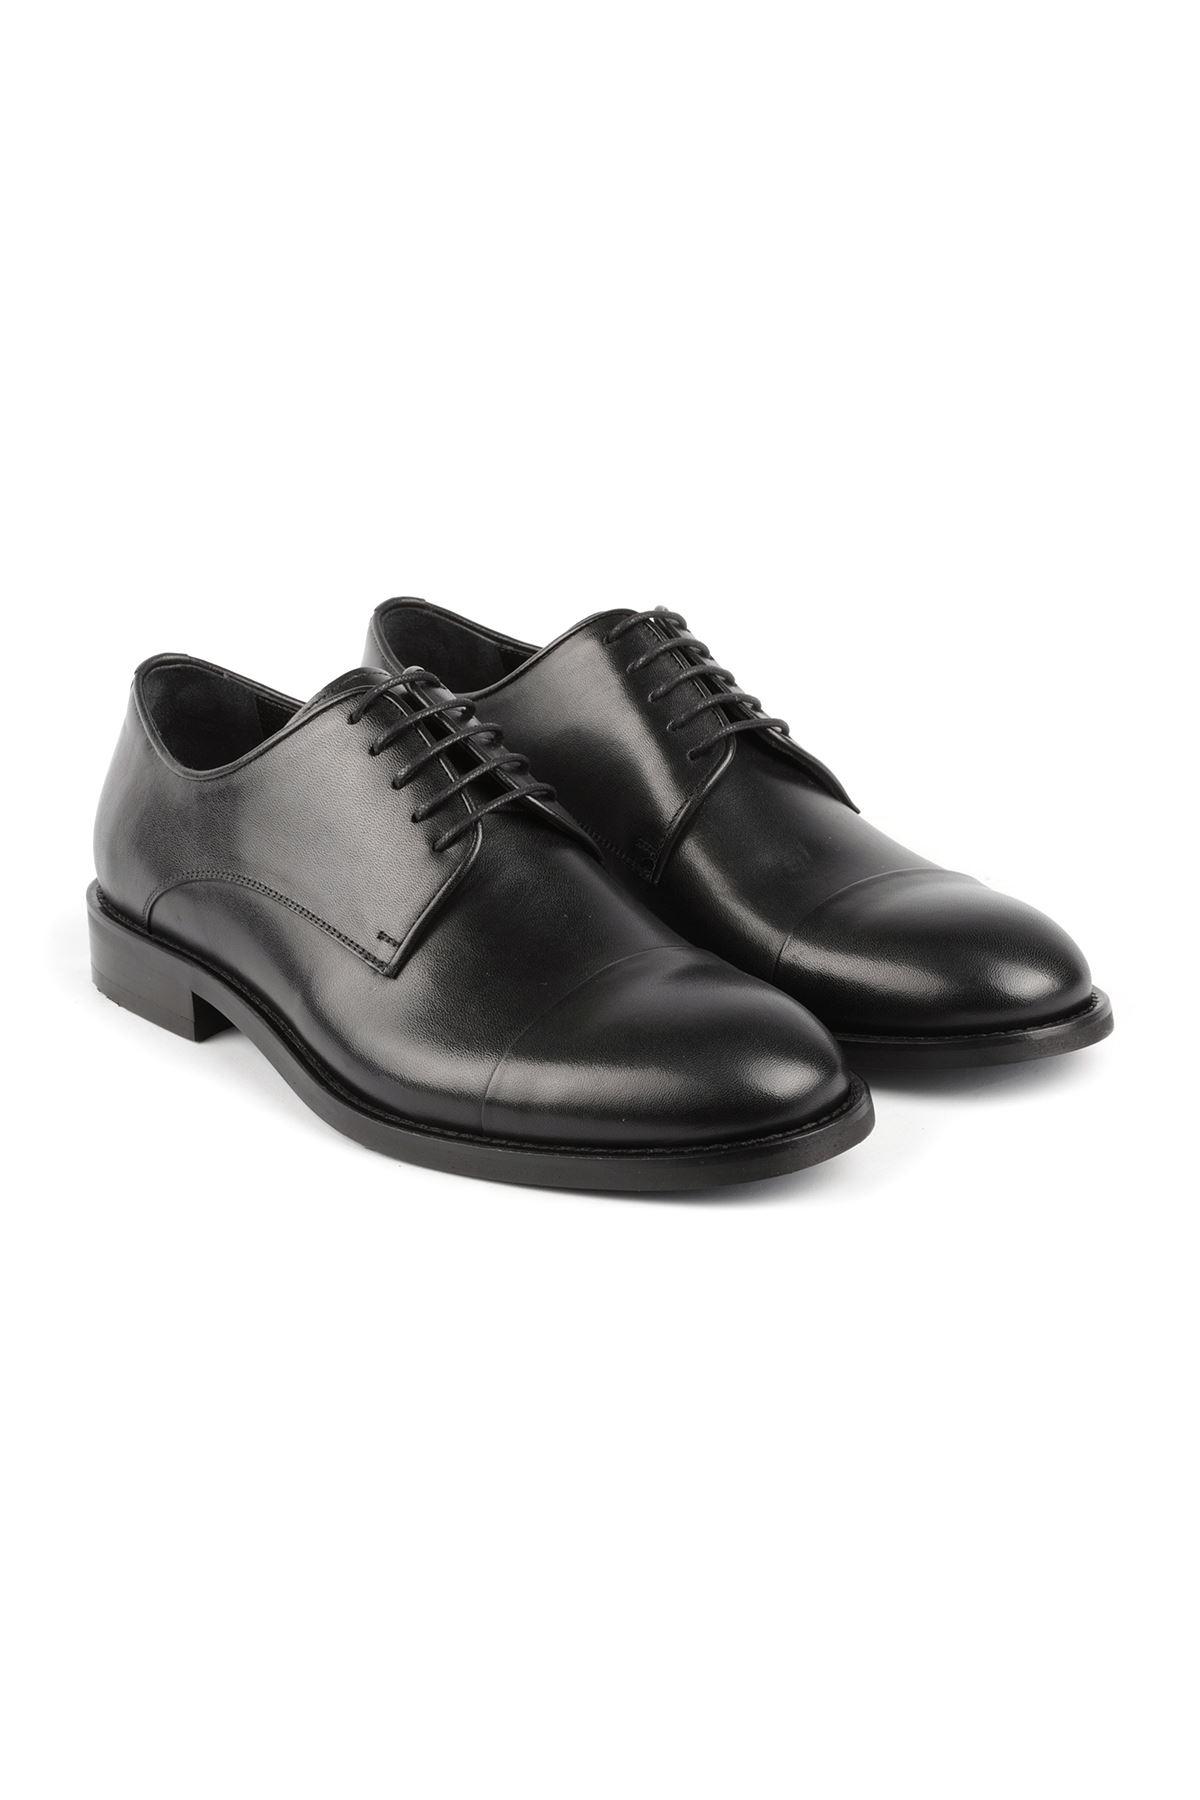 Libero L3560 Black Classic Shoes